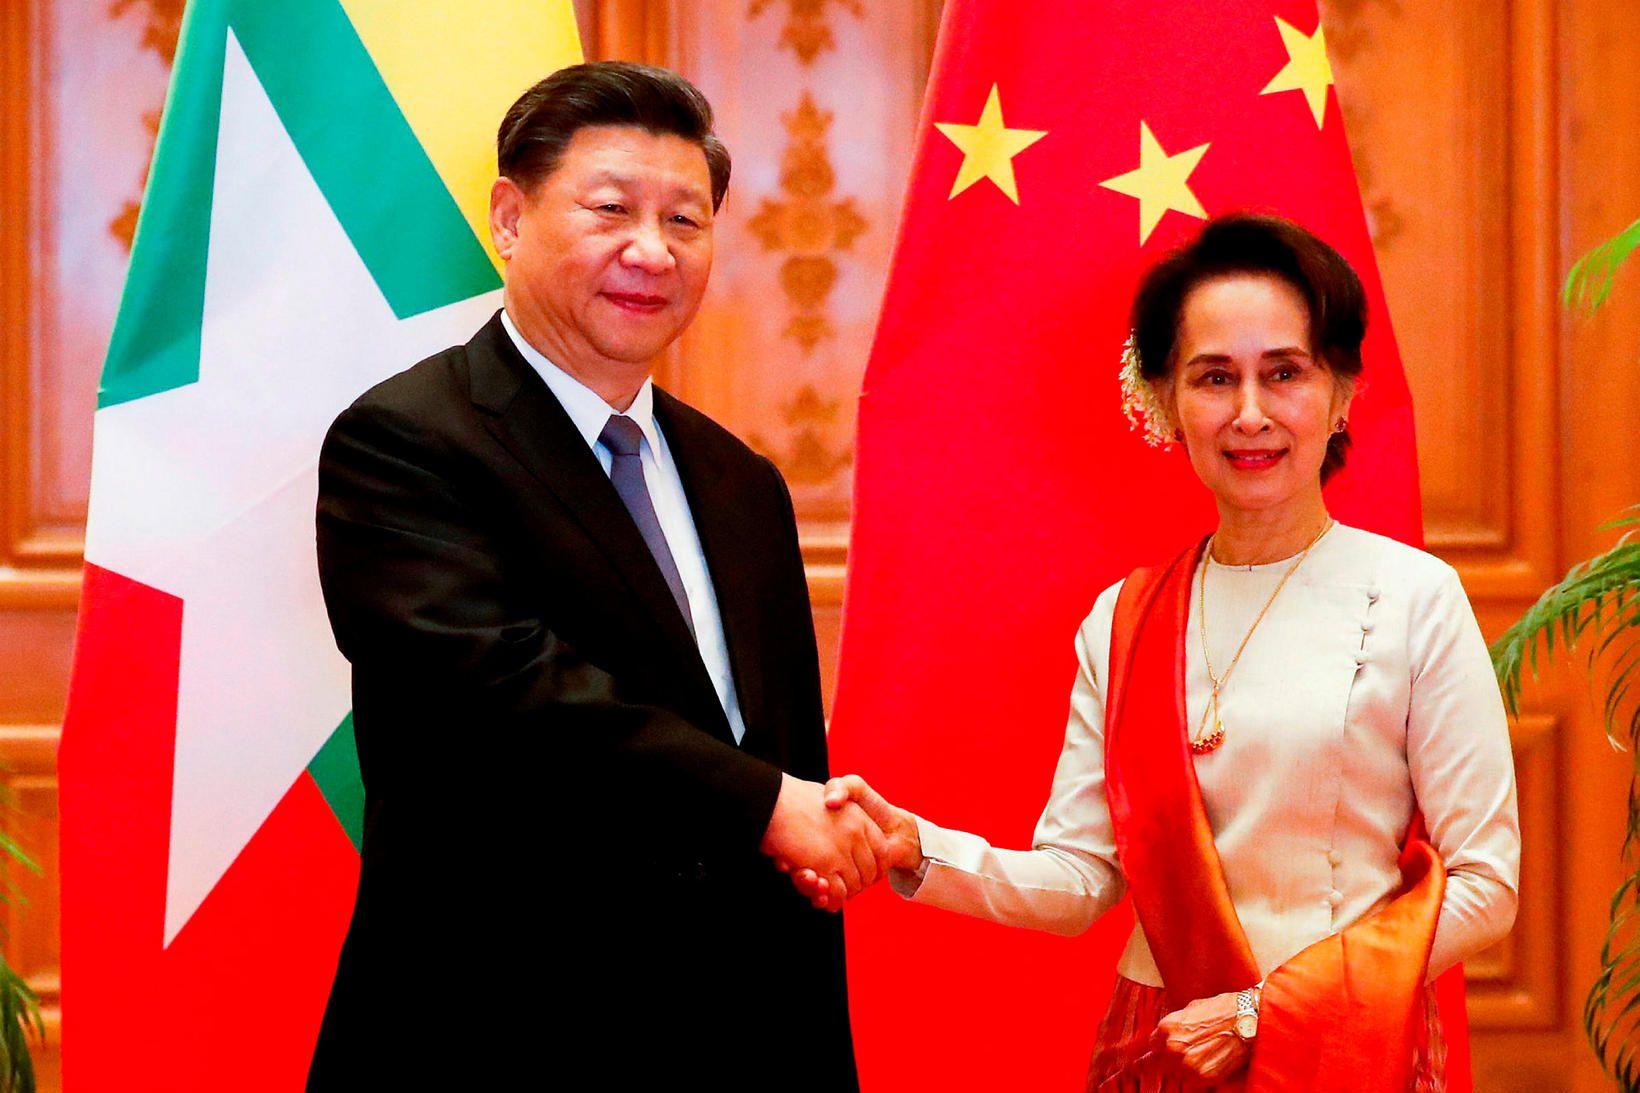 Xi Jinping, forseti Kína, og Aung San Suu Kyi heilsast …